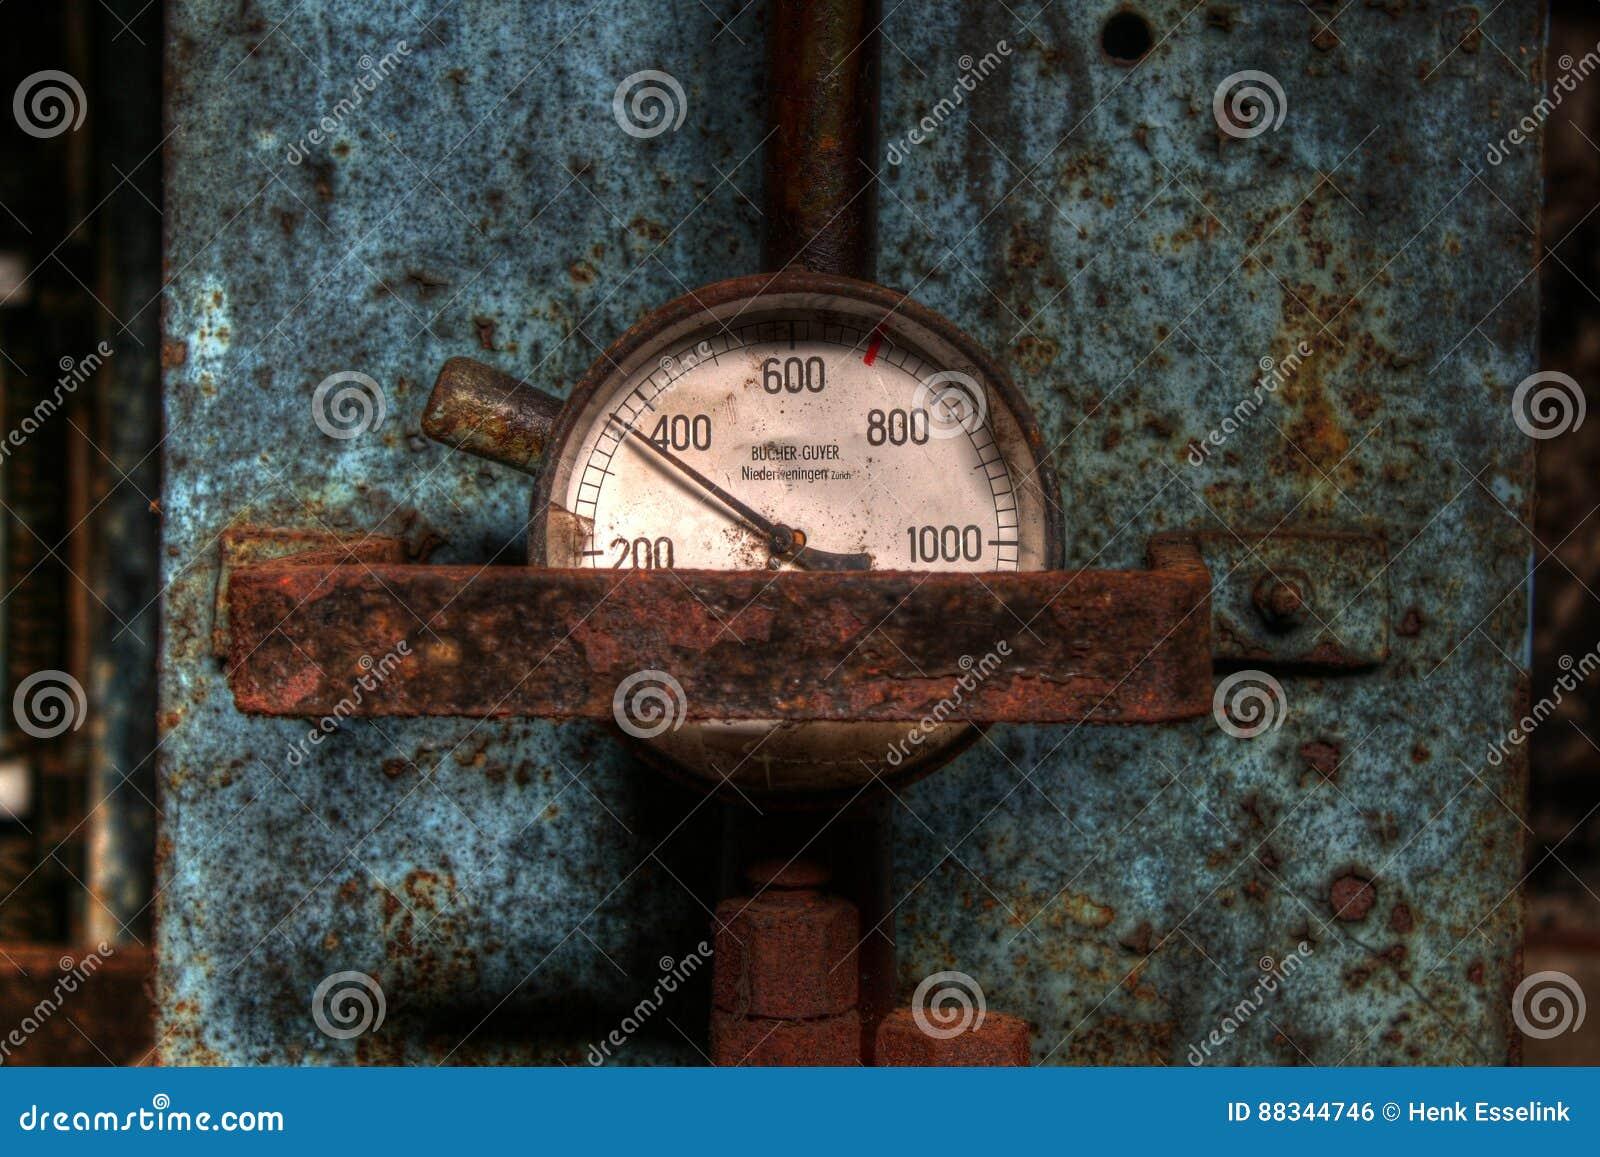 Wymiernik na hydraulicznej prasie